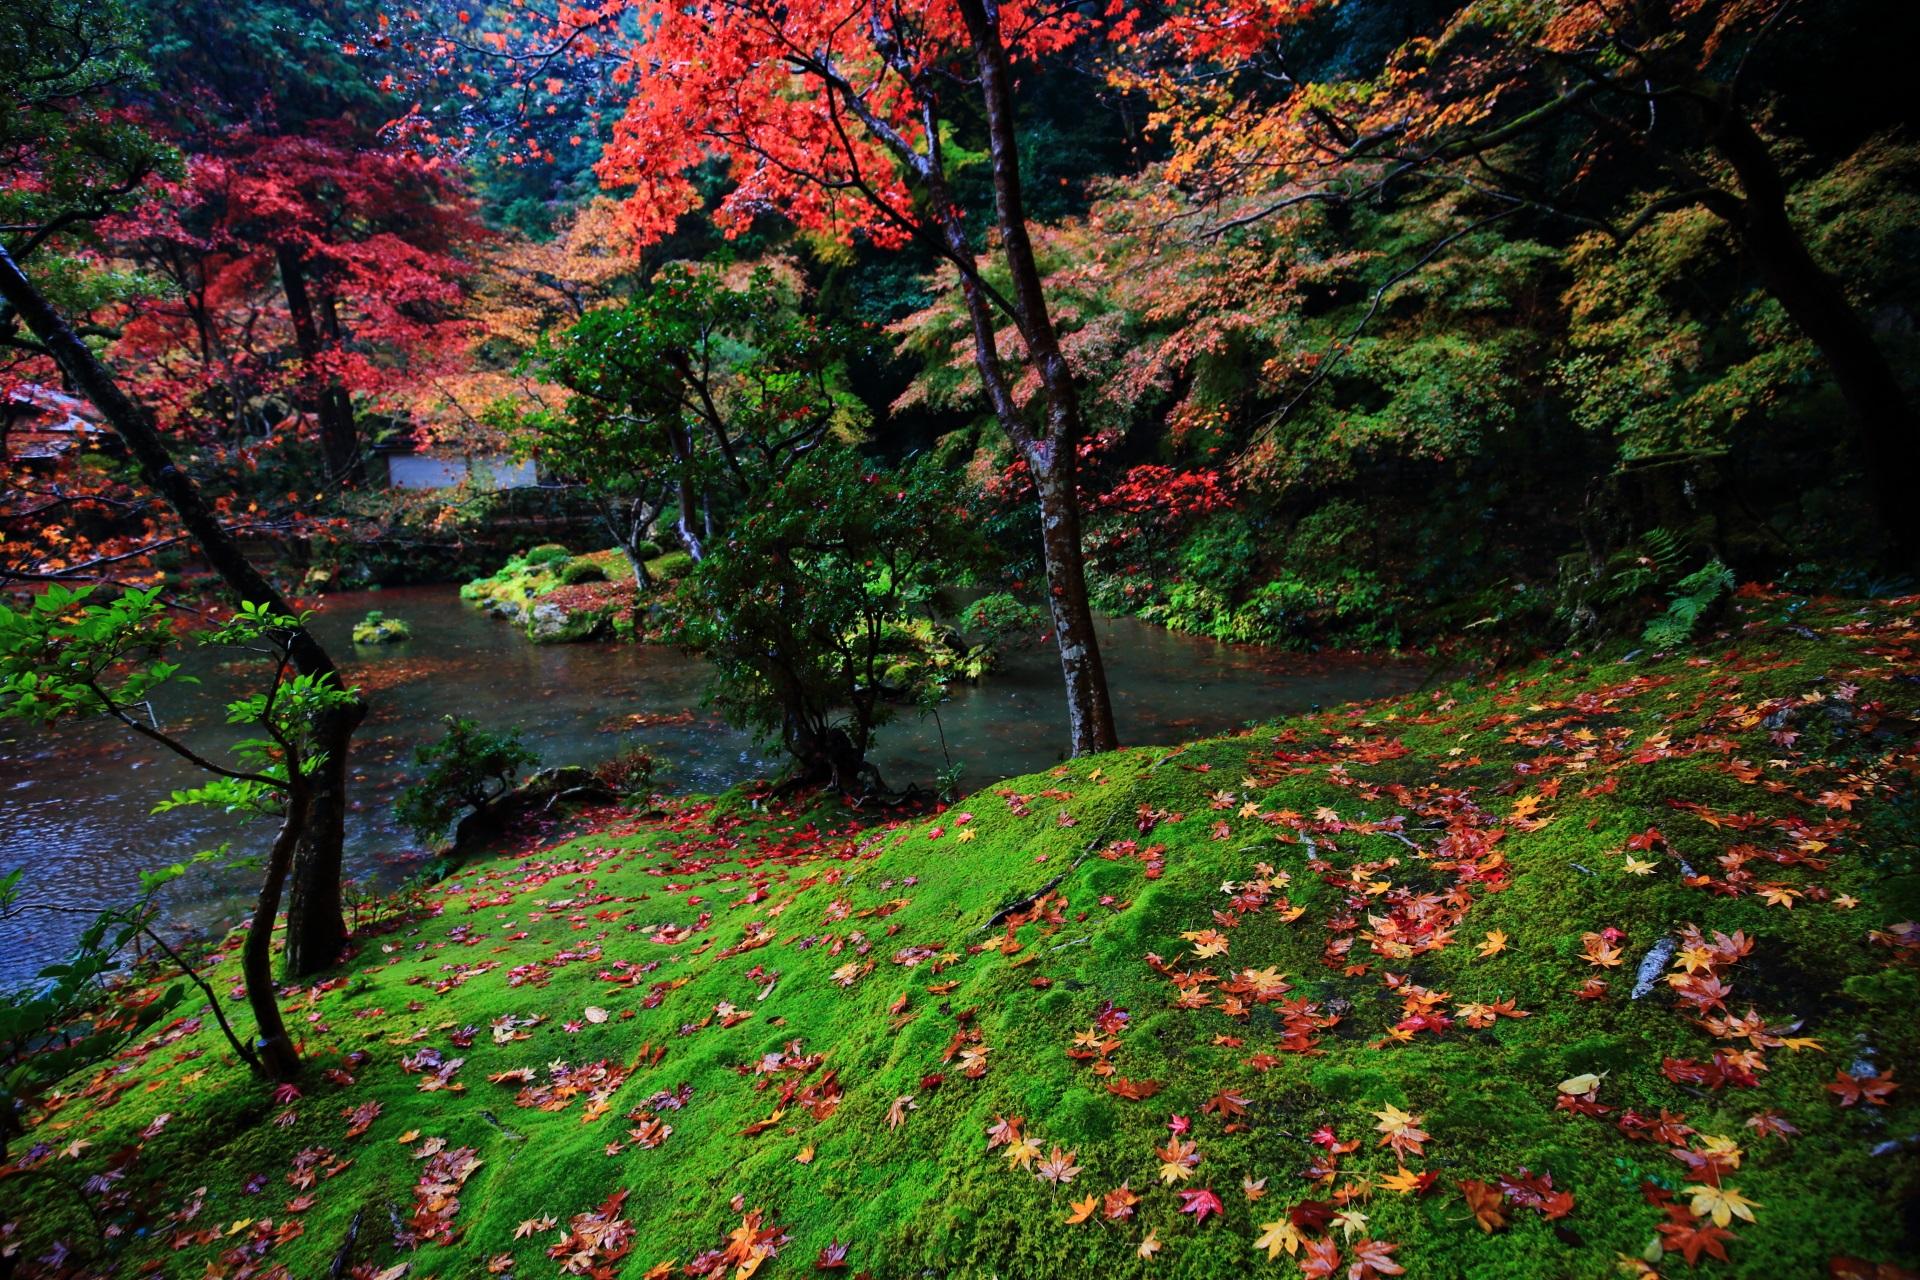 南禅院(なんぜんいん)の鮮やかな緑の苔を彩る色とりどりの散りもみじ